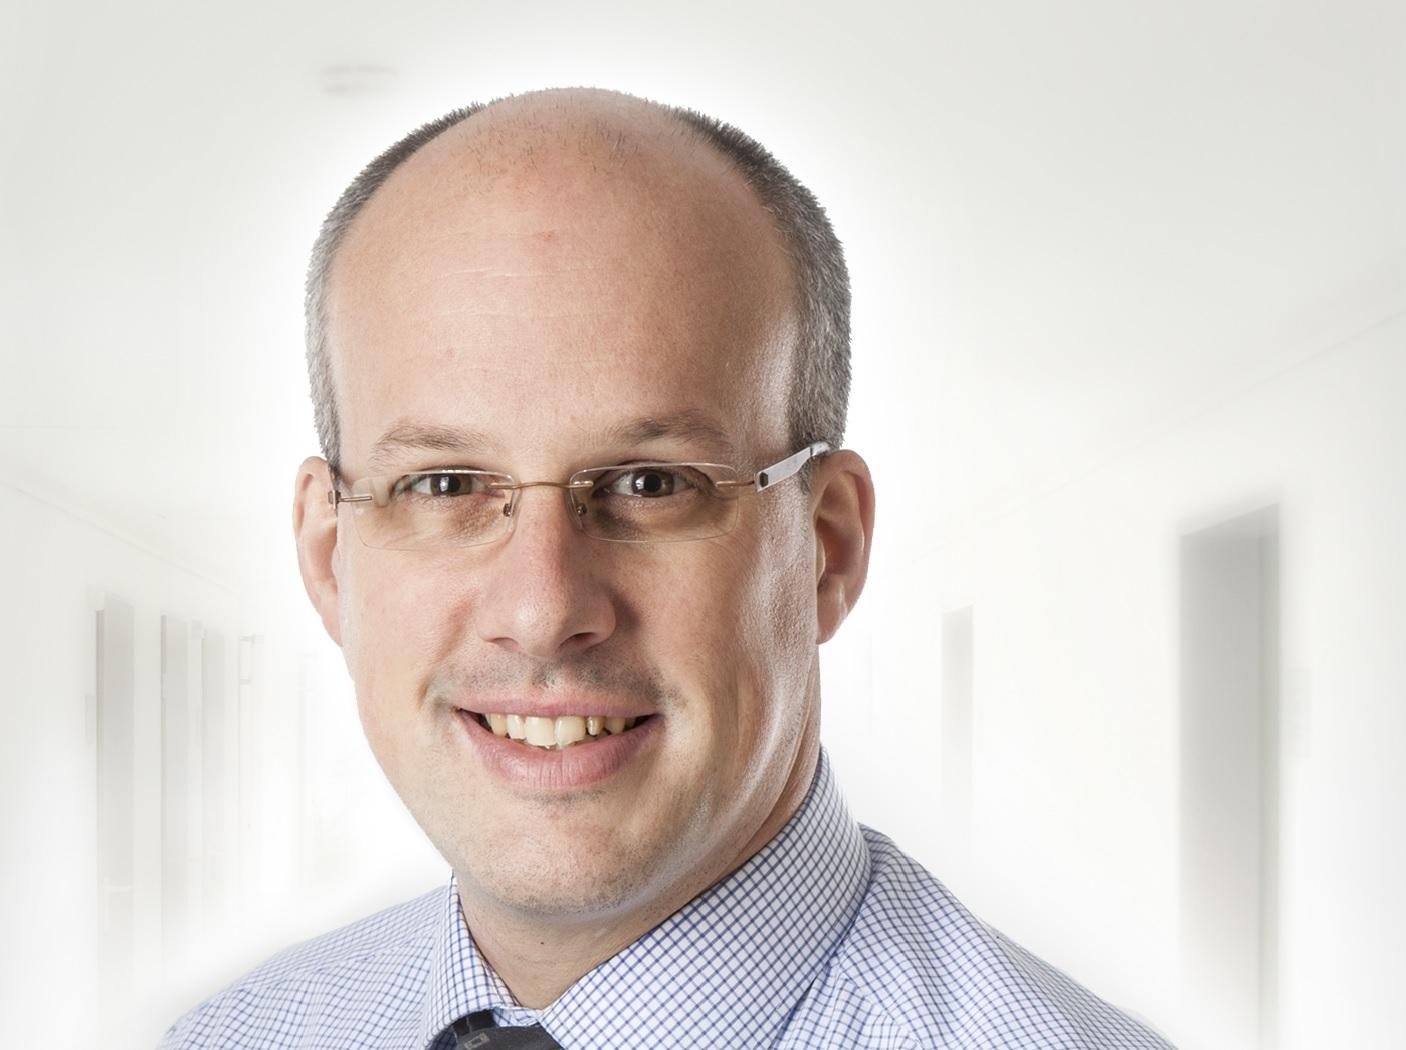 Dr. Michael Lichtenberg, Geschäftsführer der Deutschen Gesellschaft für Angiologie – Gesellschaft für Gefäßmedizin e.V.